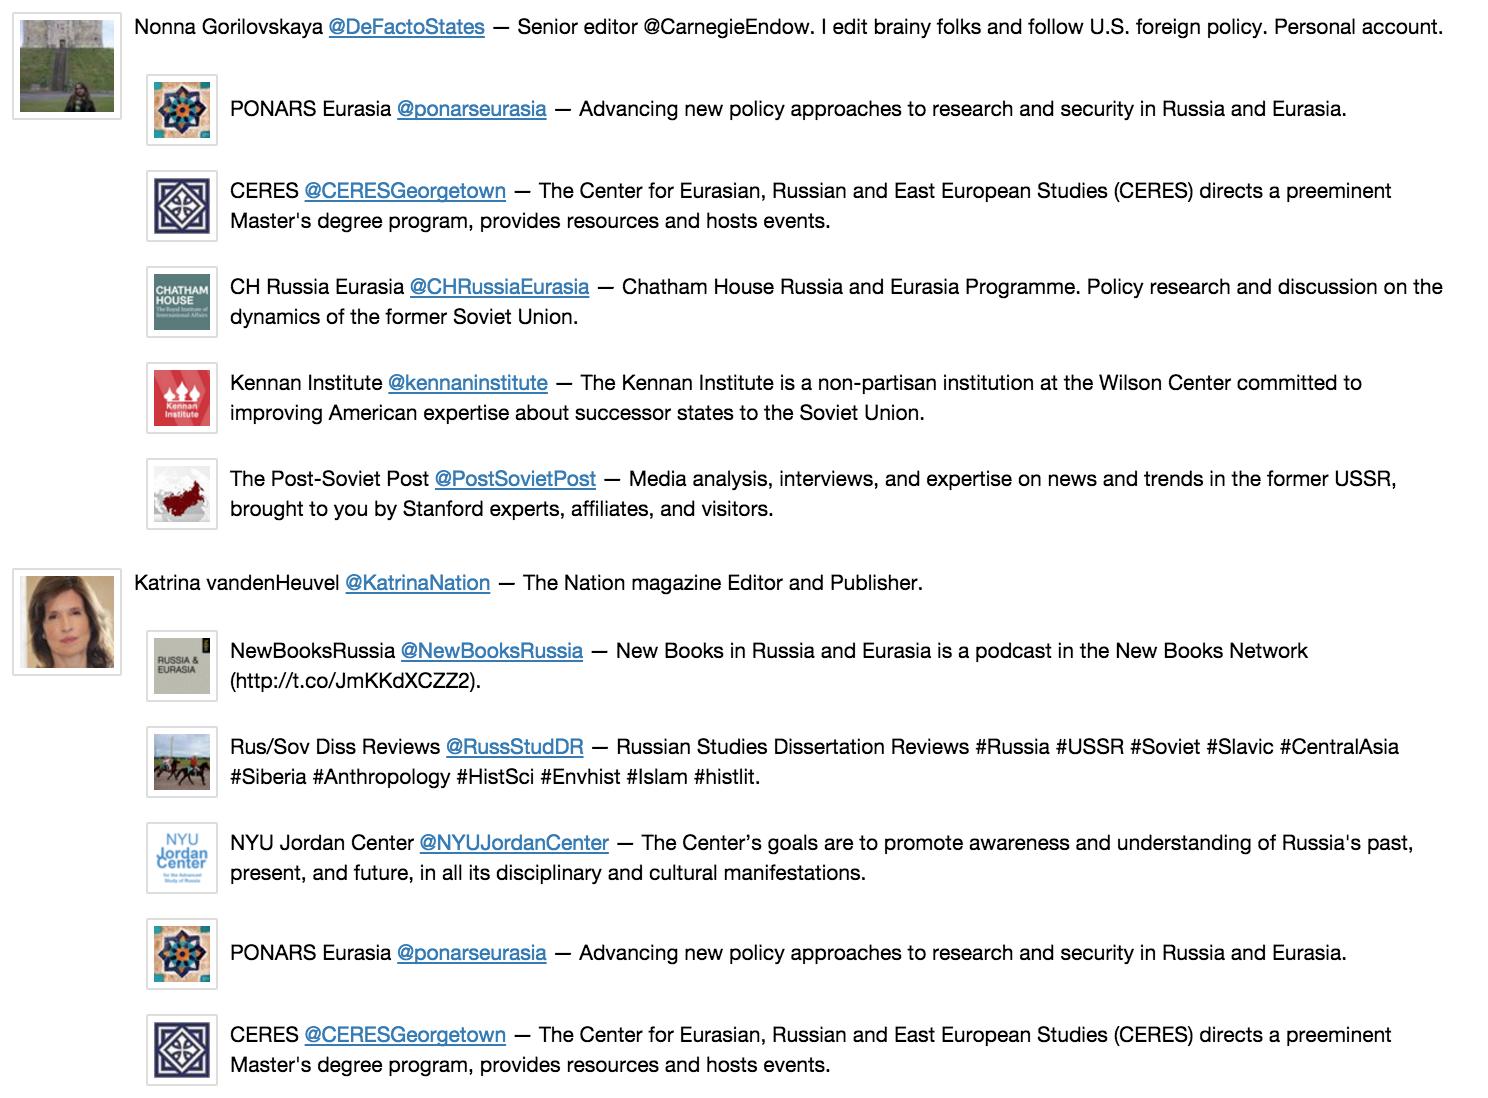 Поиск потенциальных фолловеров в Твиттере - 7